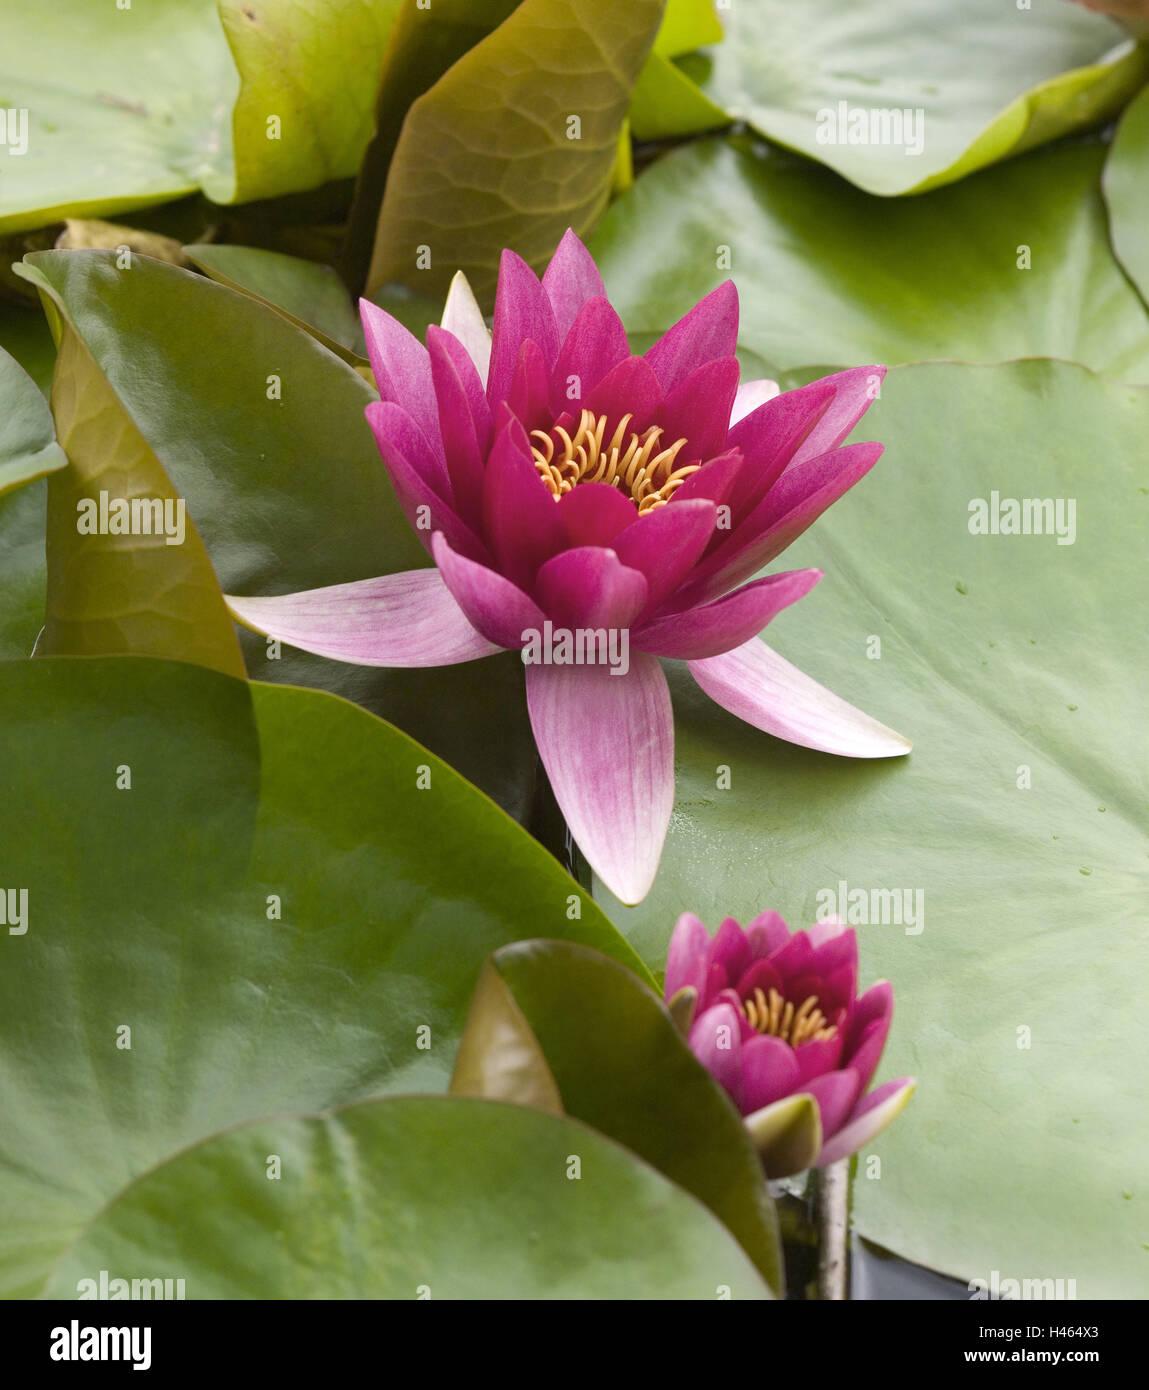 Blossom, Rosa, Il Lago, Il Laghetto Di Ninfee, Piante, Impianti Idrici,  Piante Dello Stagno, Ninfee Piante, Nymphaeaceae, Fiori, Lotos, Acqua  Giglio ...